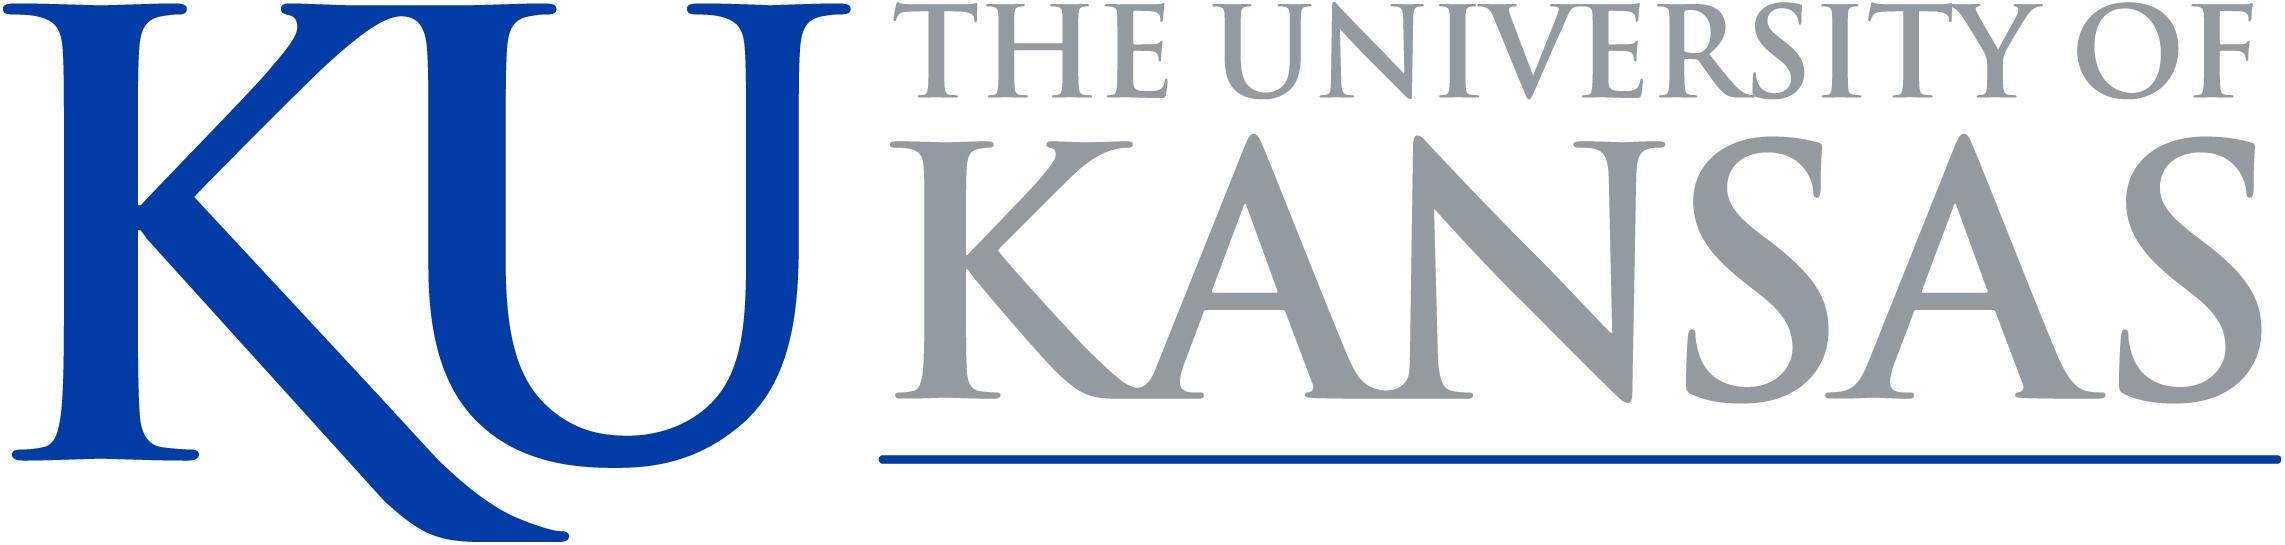 university-of-kansas-ku-logo.jpg